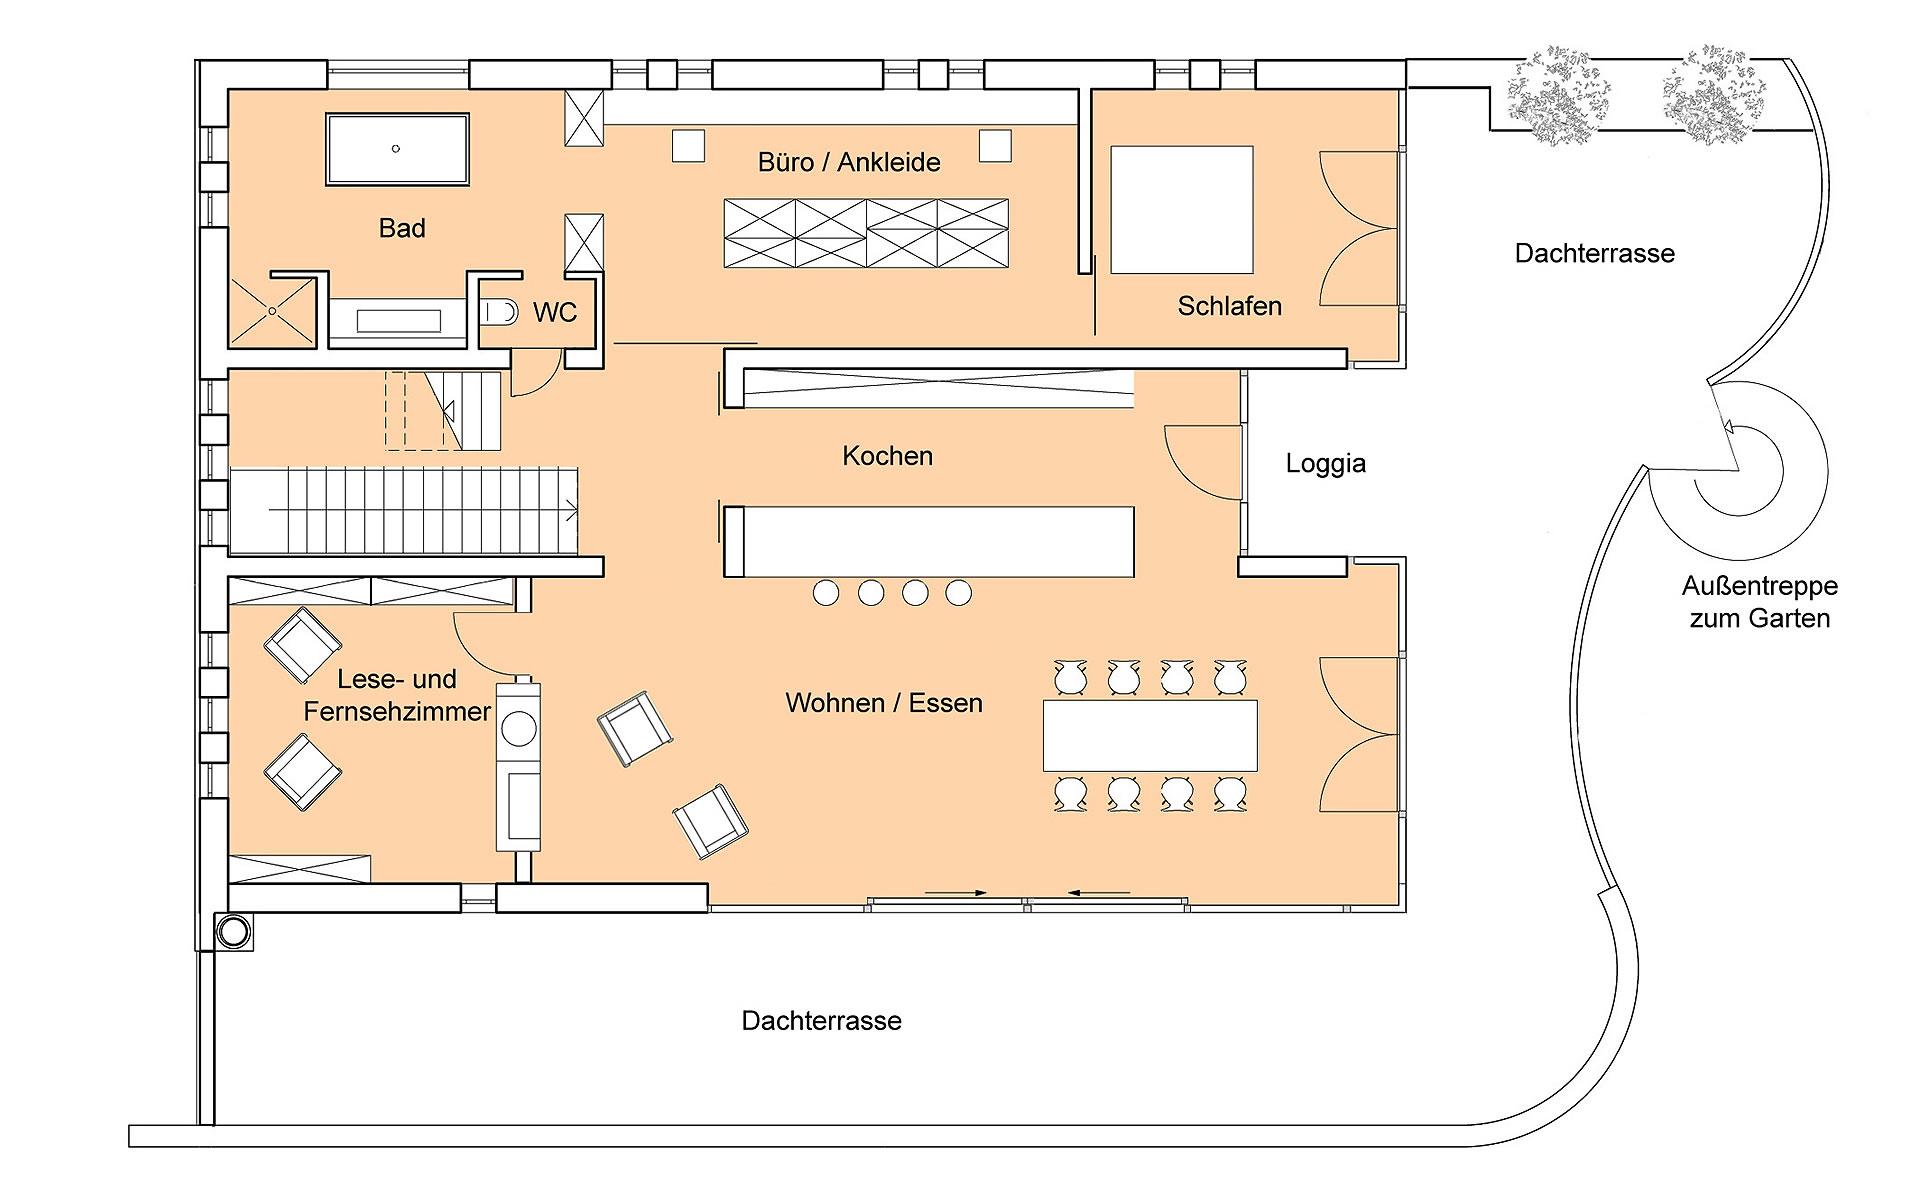 Erdgeschoss Weitblick von Bau-Fritz GmbH & Co. KG, seit 1896